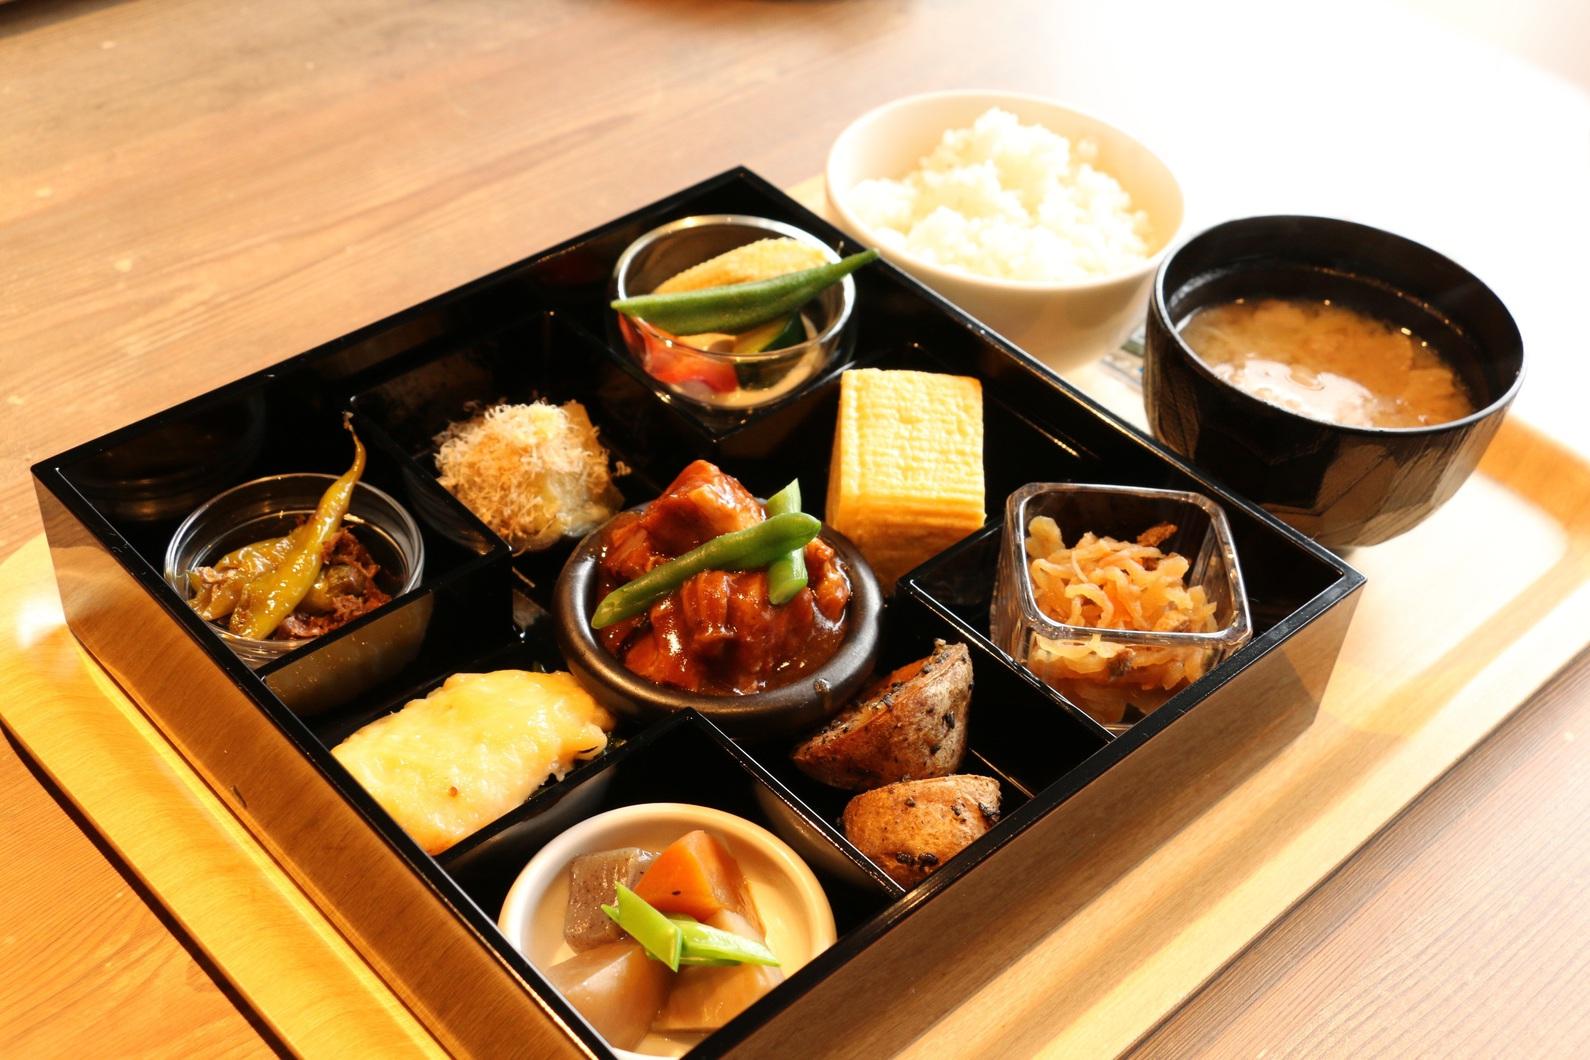 7種のおばんざいと選べる2種のメイン料理を9仕切りのお重(松花堂弁当)